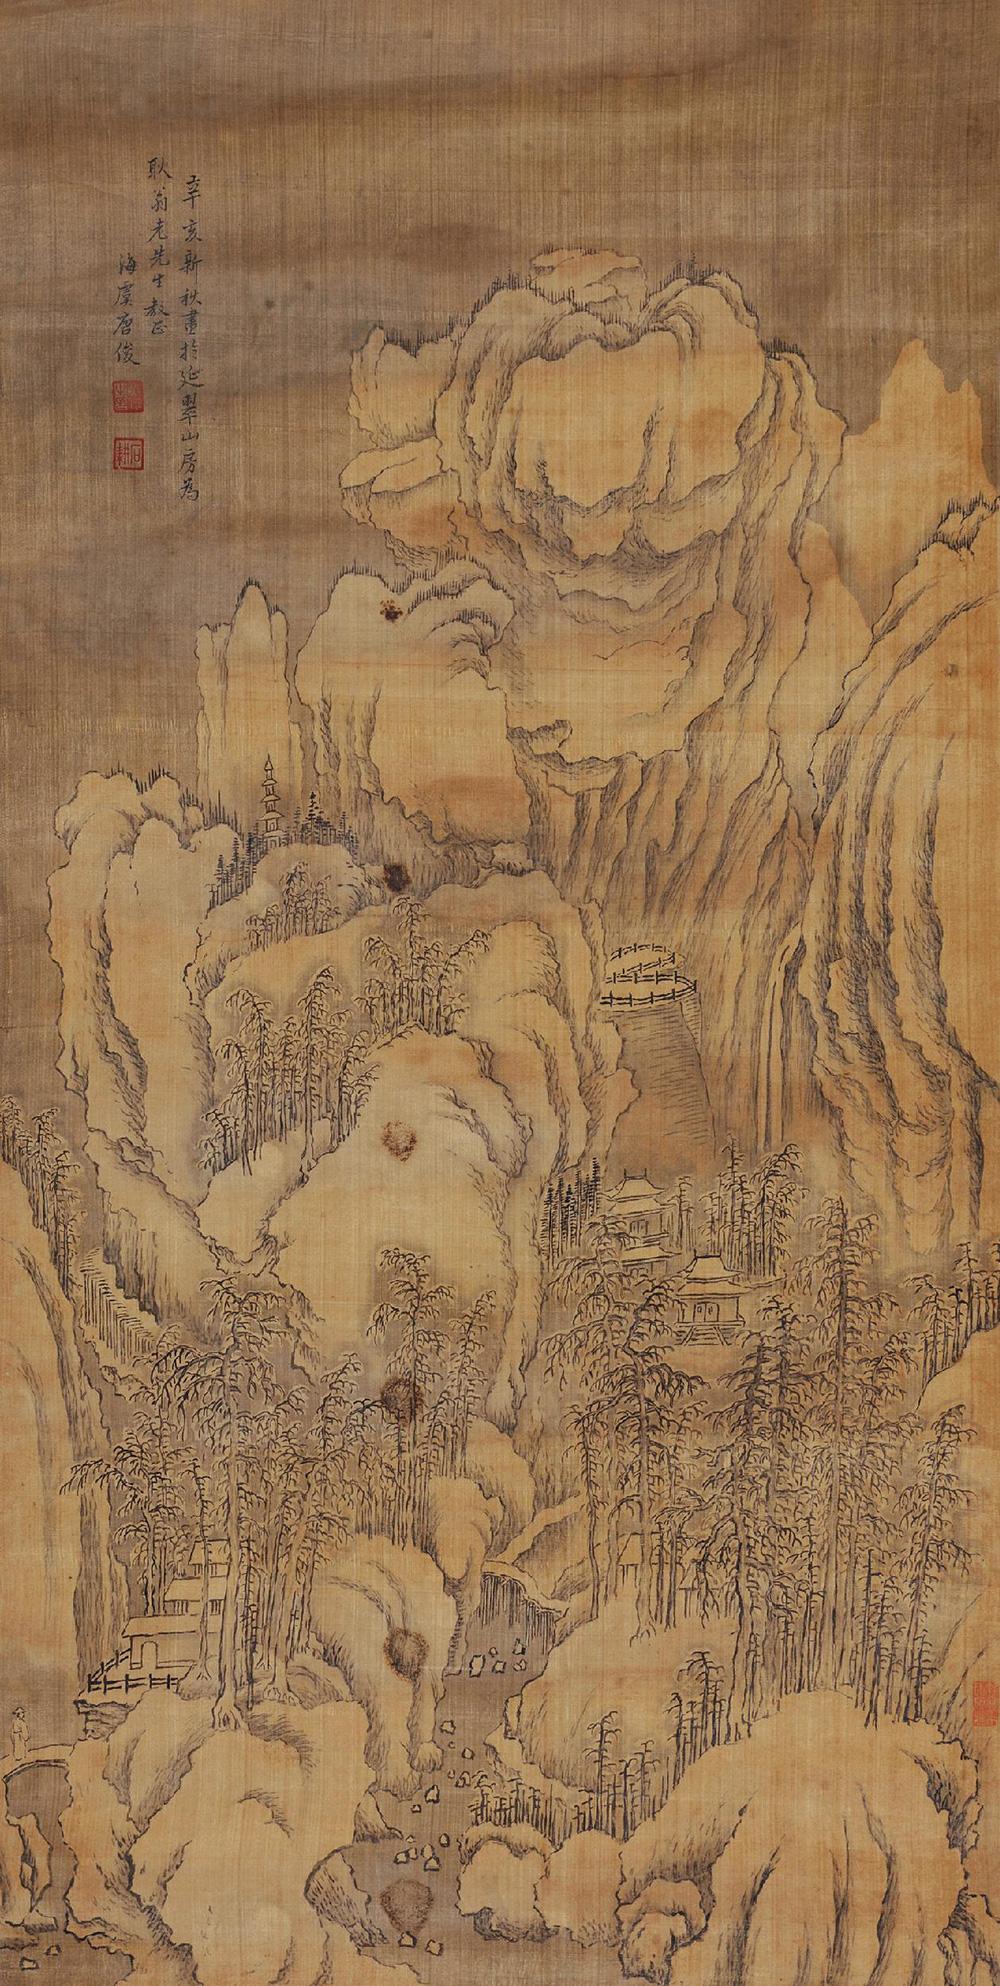 古字画背景素材